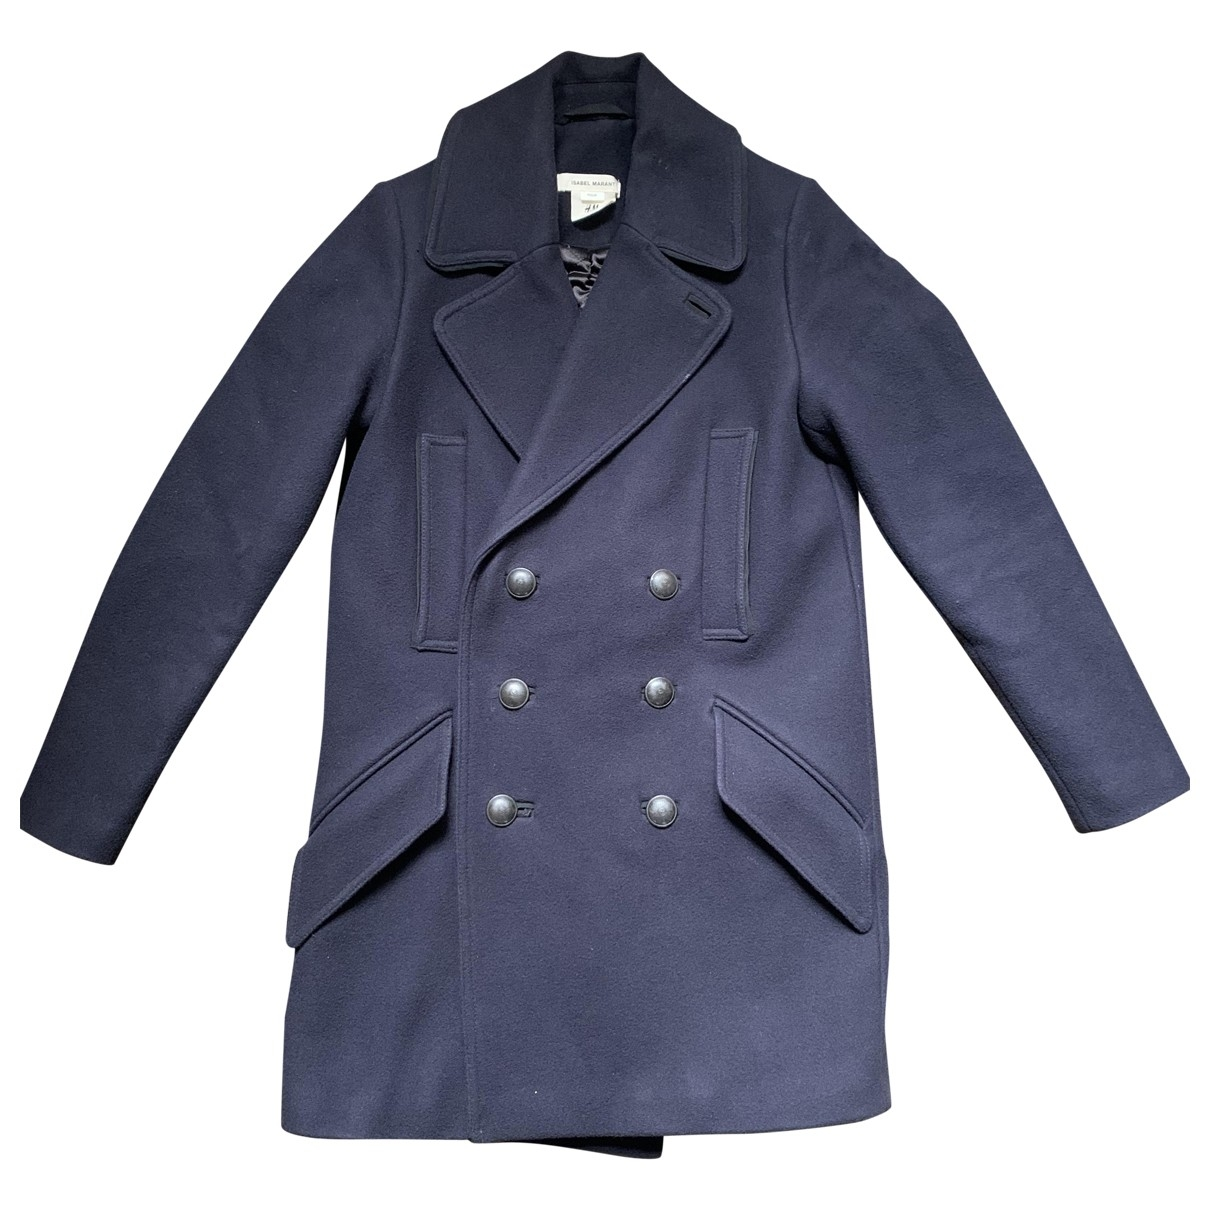 Isabel Marant Pour H&m - Manteau   pour homme en laine - bleu